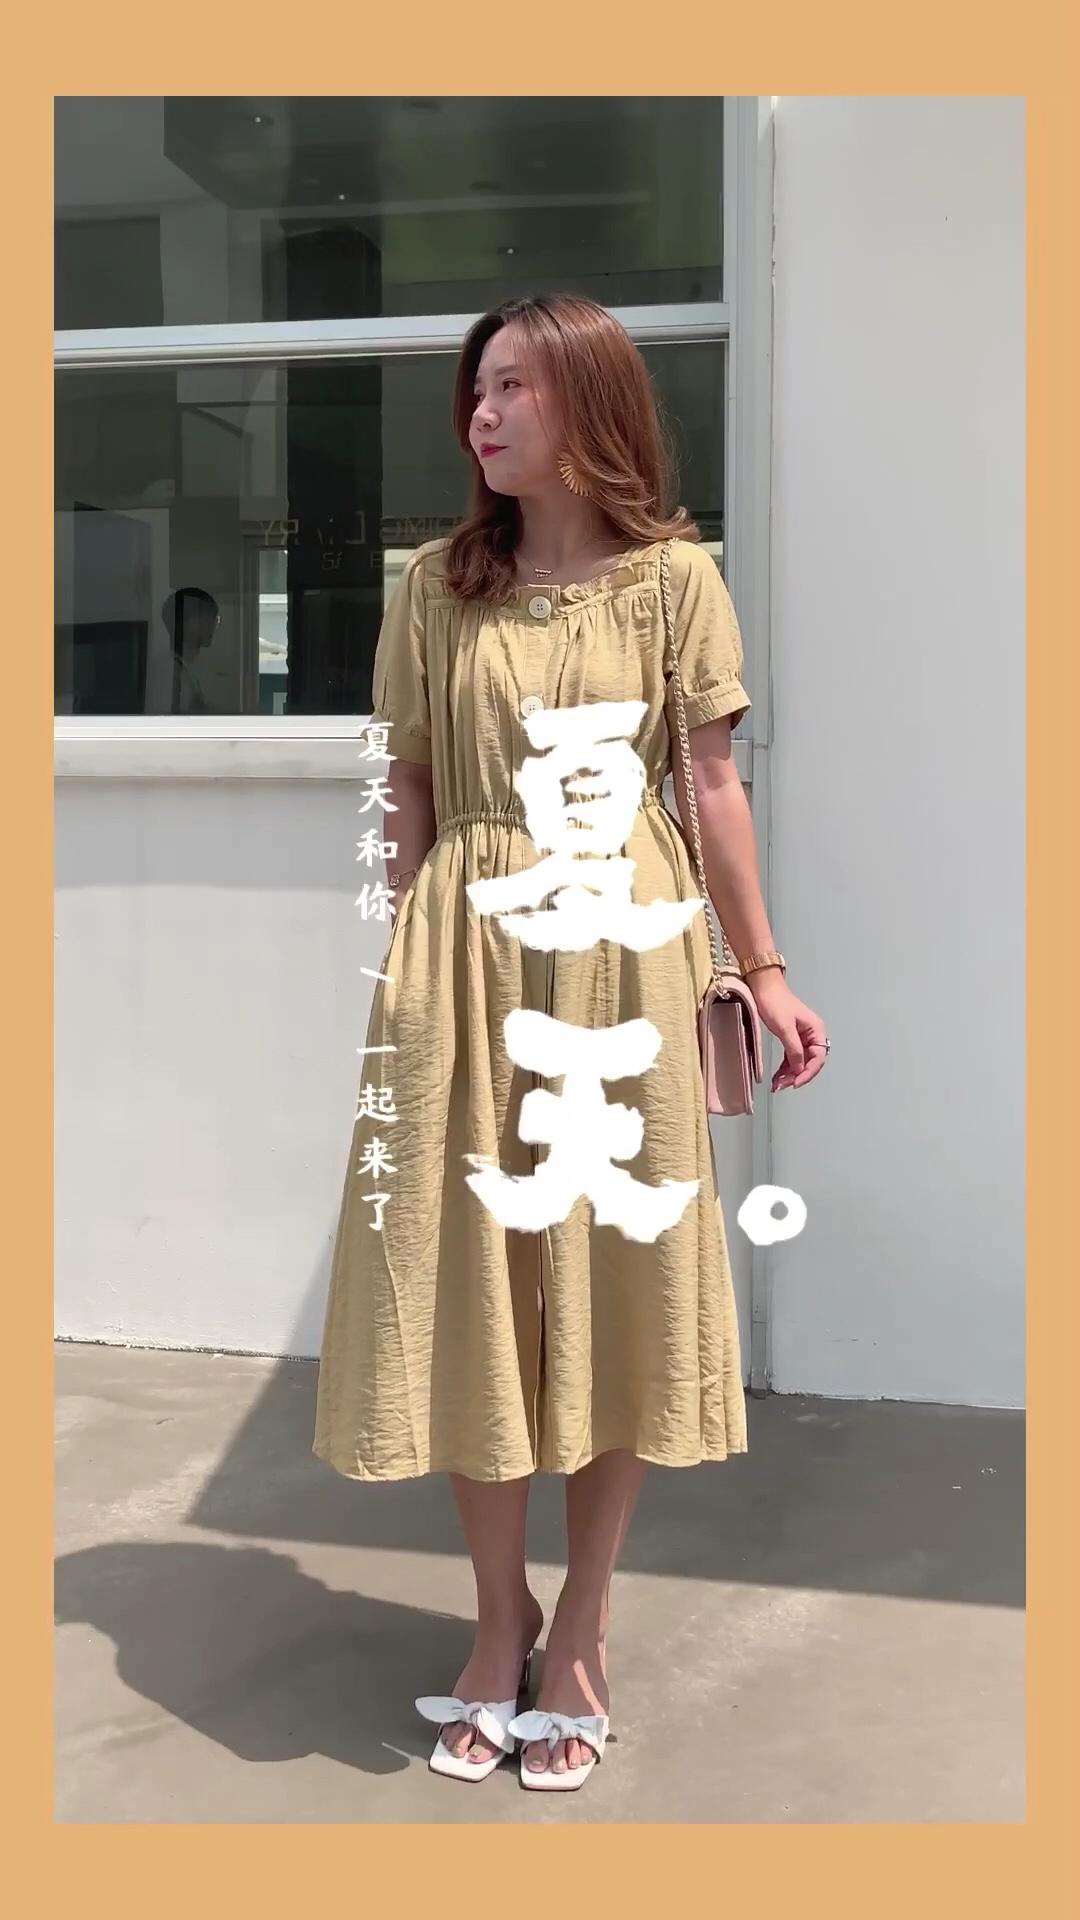 #日瘦15斤,一条裙子搞定!# 显瘦的连衣裙,是微胖女孩的夏日穿搭 收腰,直筒,宽松,夏日藏肉小秘诀 穿上它让你日瘦15斤 舒适简约,很显白的黄色系连衣裙穿上美美哒